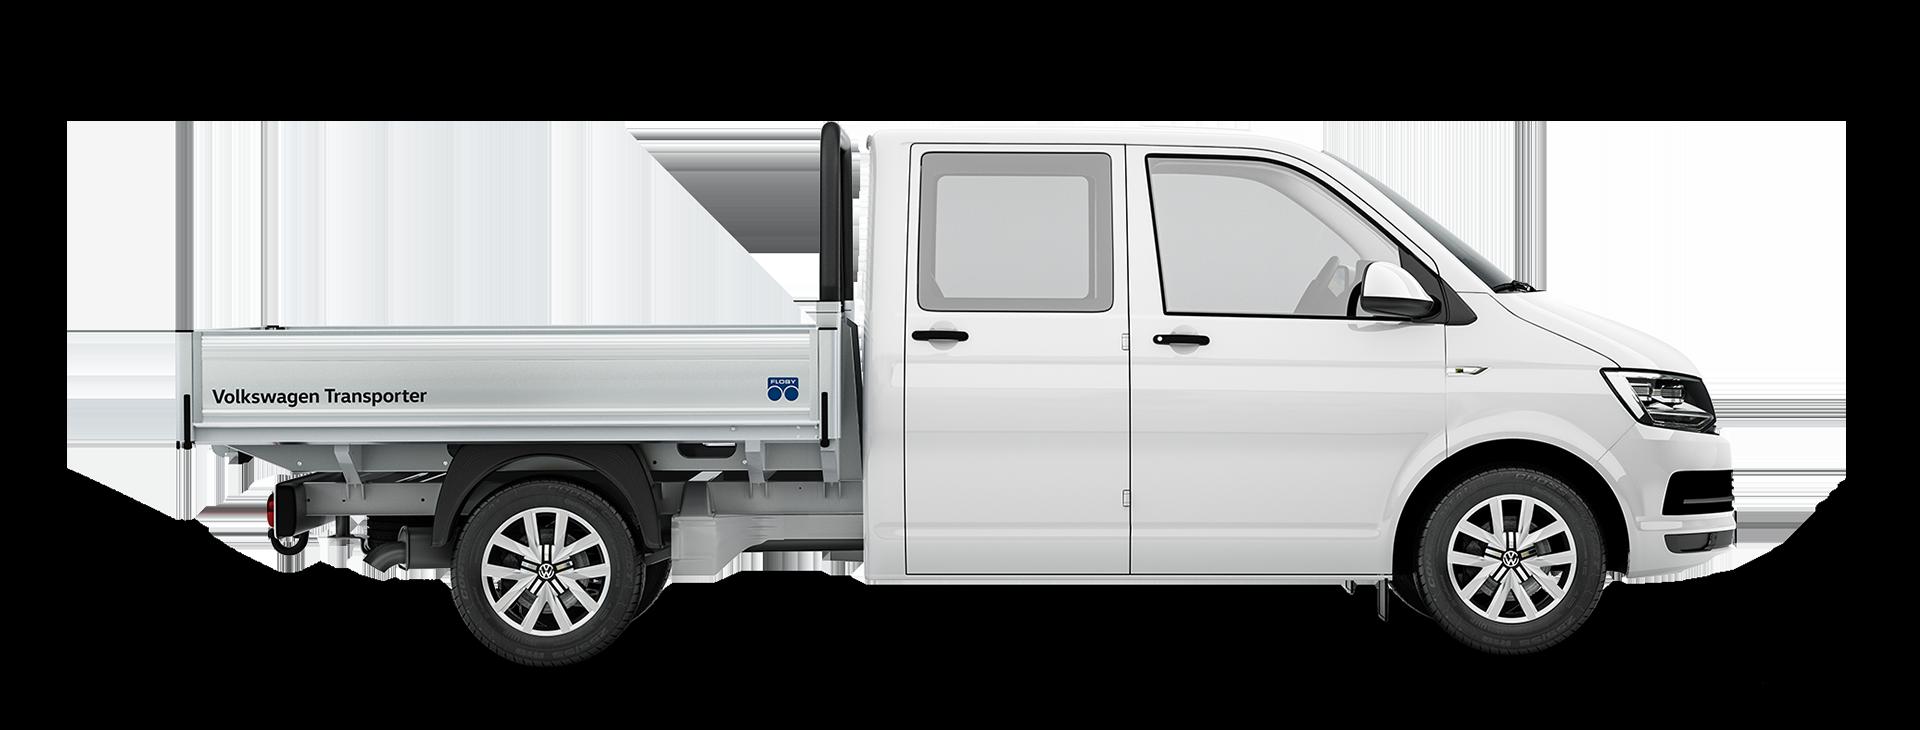 Transporter Pickup - Från 245 000 krTransporter har rullat på svenska vägar sedan början av 50-talet. Den har tillverkats i fler än 12 miljoner exemplar och löpande utvecklats längs vägen. Dagens Transporter har samma grundidé, men allt annat är nytt. Den är rymligare, bekvämare, starkare, snålare och har fantastiska vägegenskaper. Transporter Skåp är den populäraste versionen och du kan få den både förlängd och förhöjd.